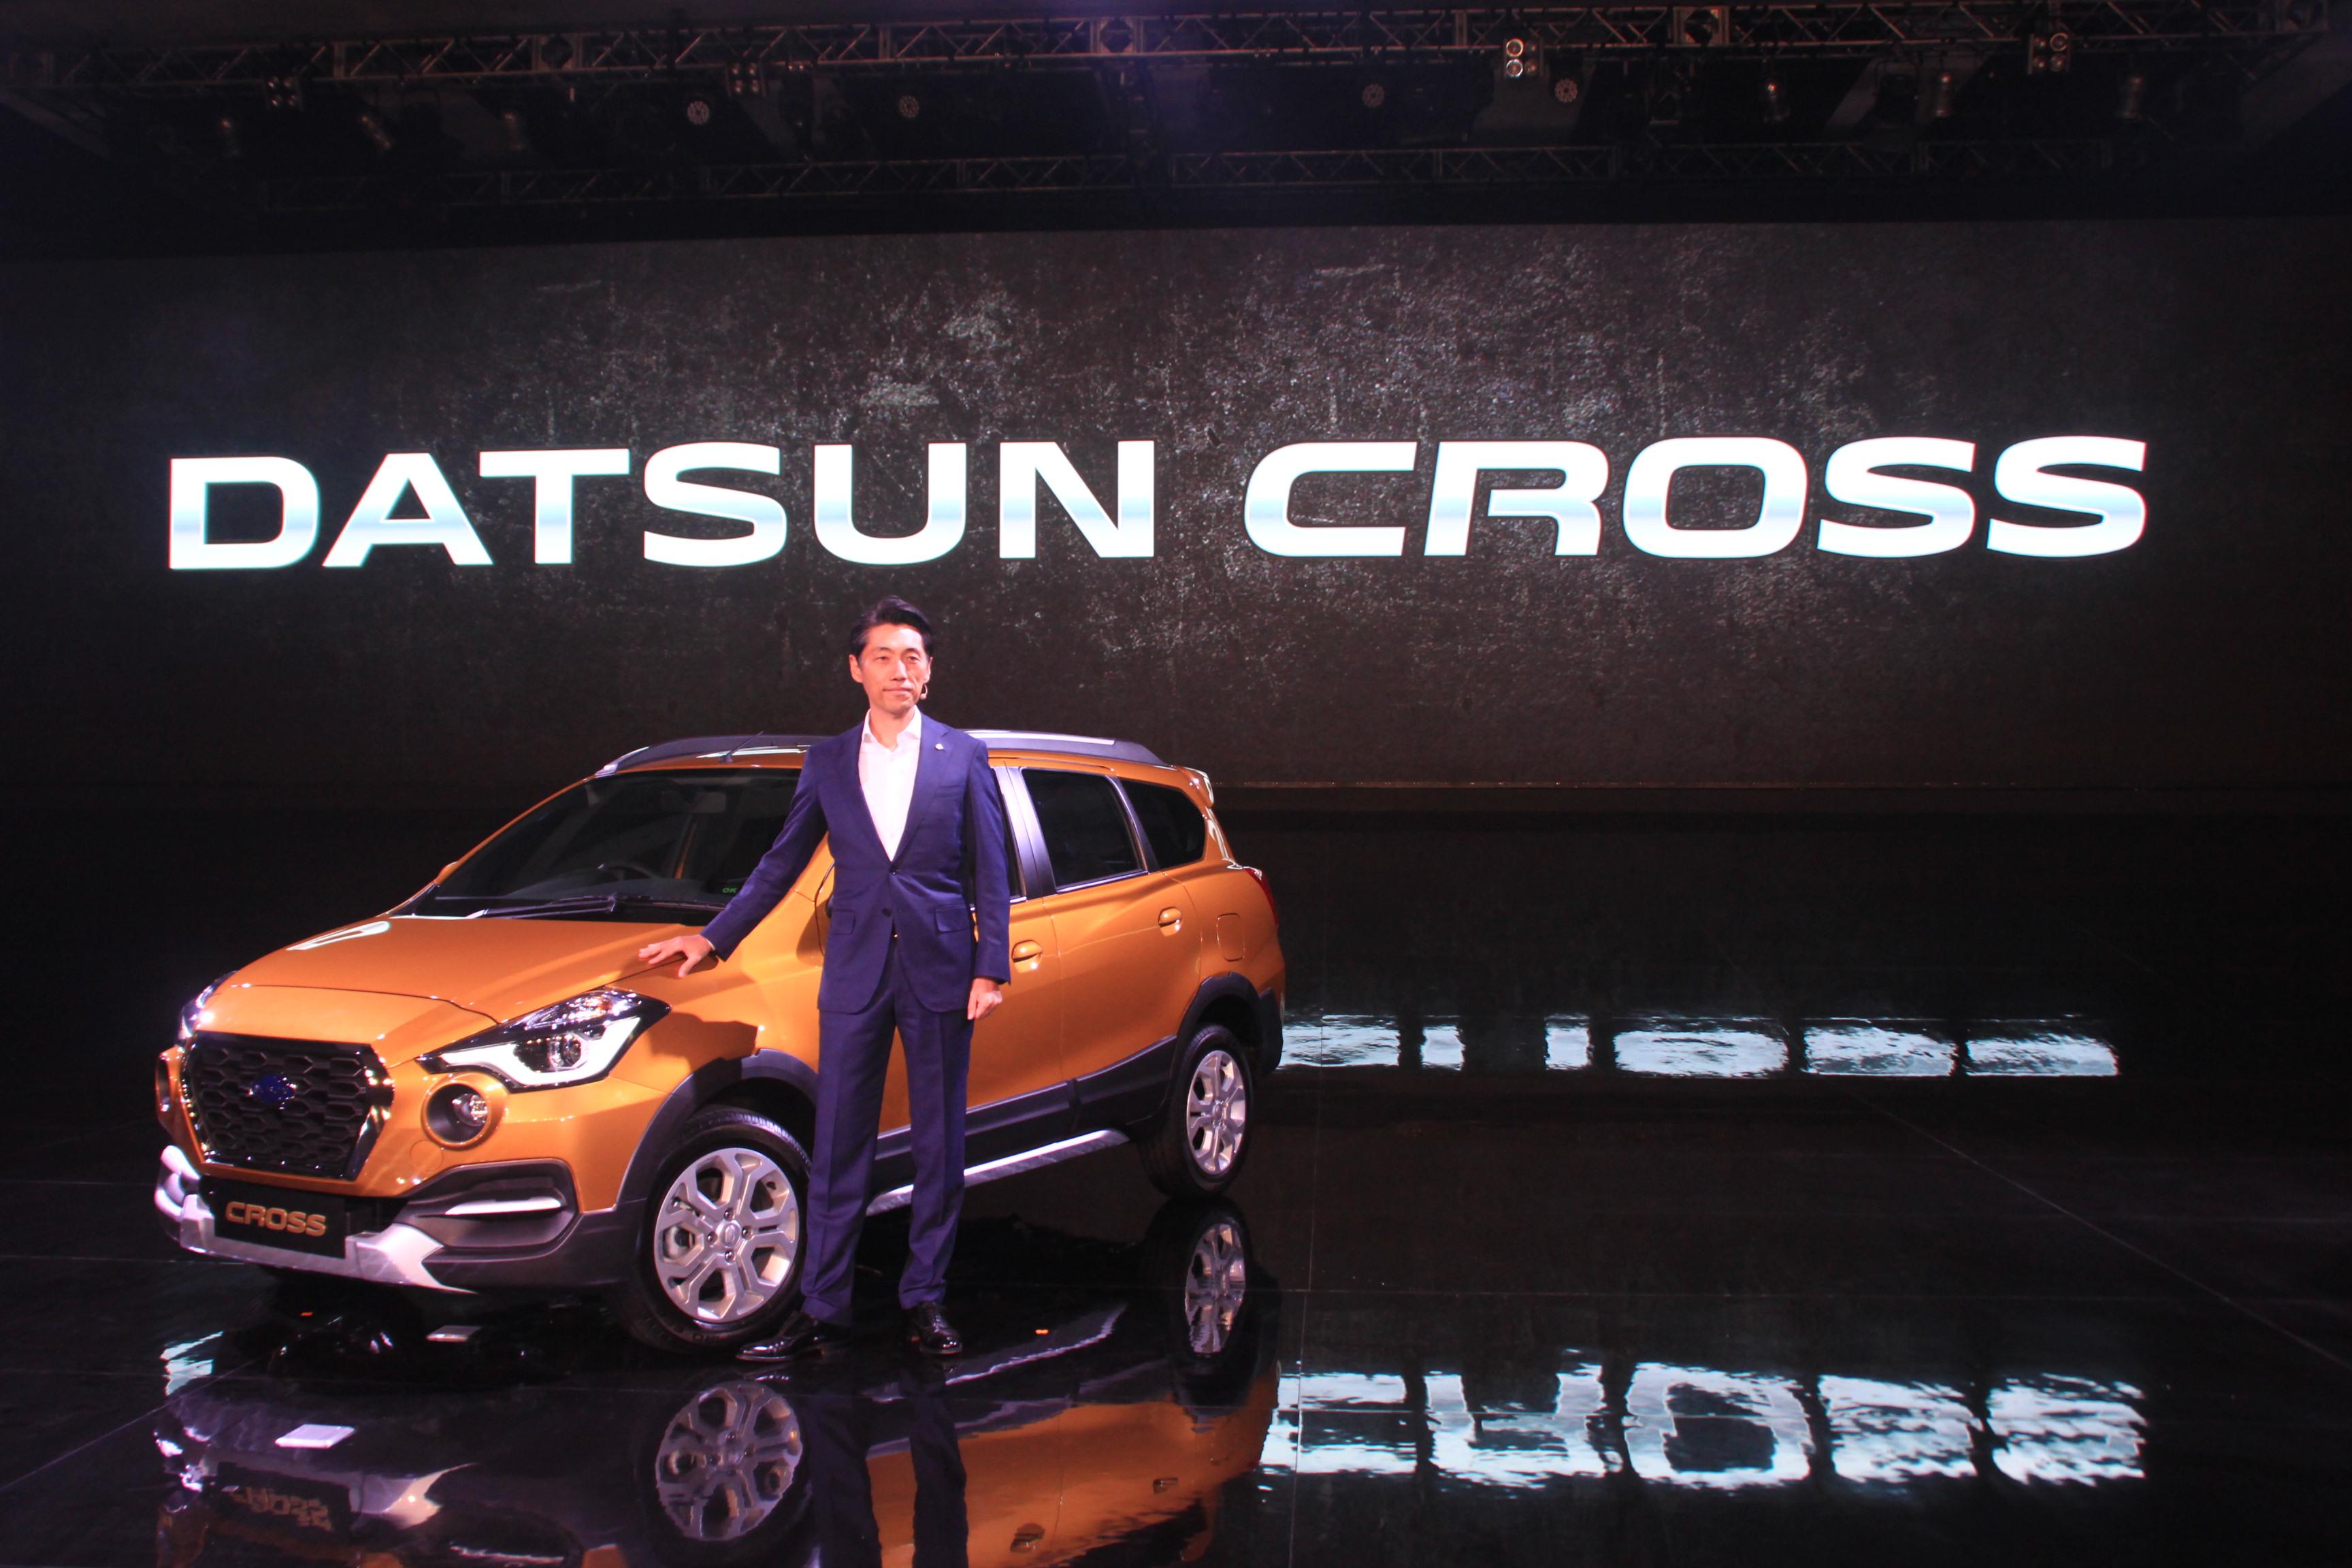 Cross Mengaspal Datsun Siap Bersaing Di 2018